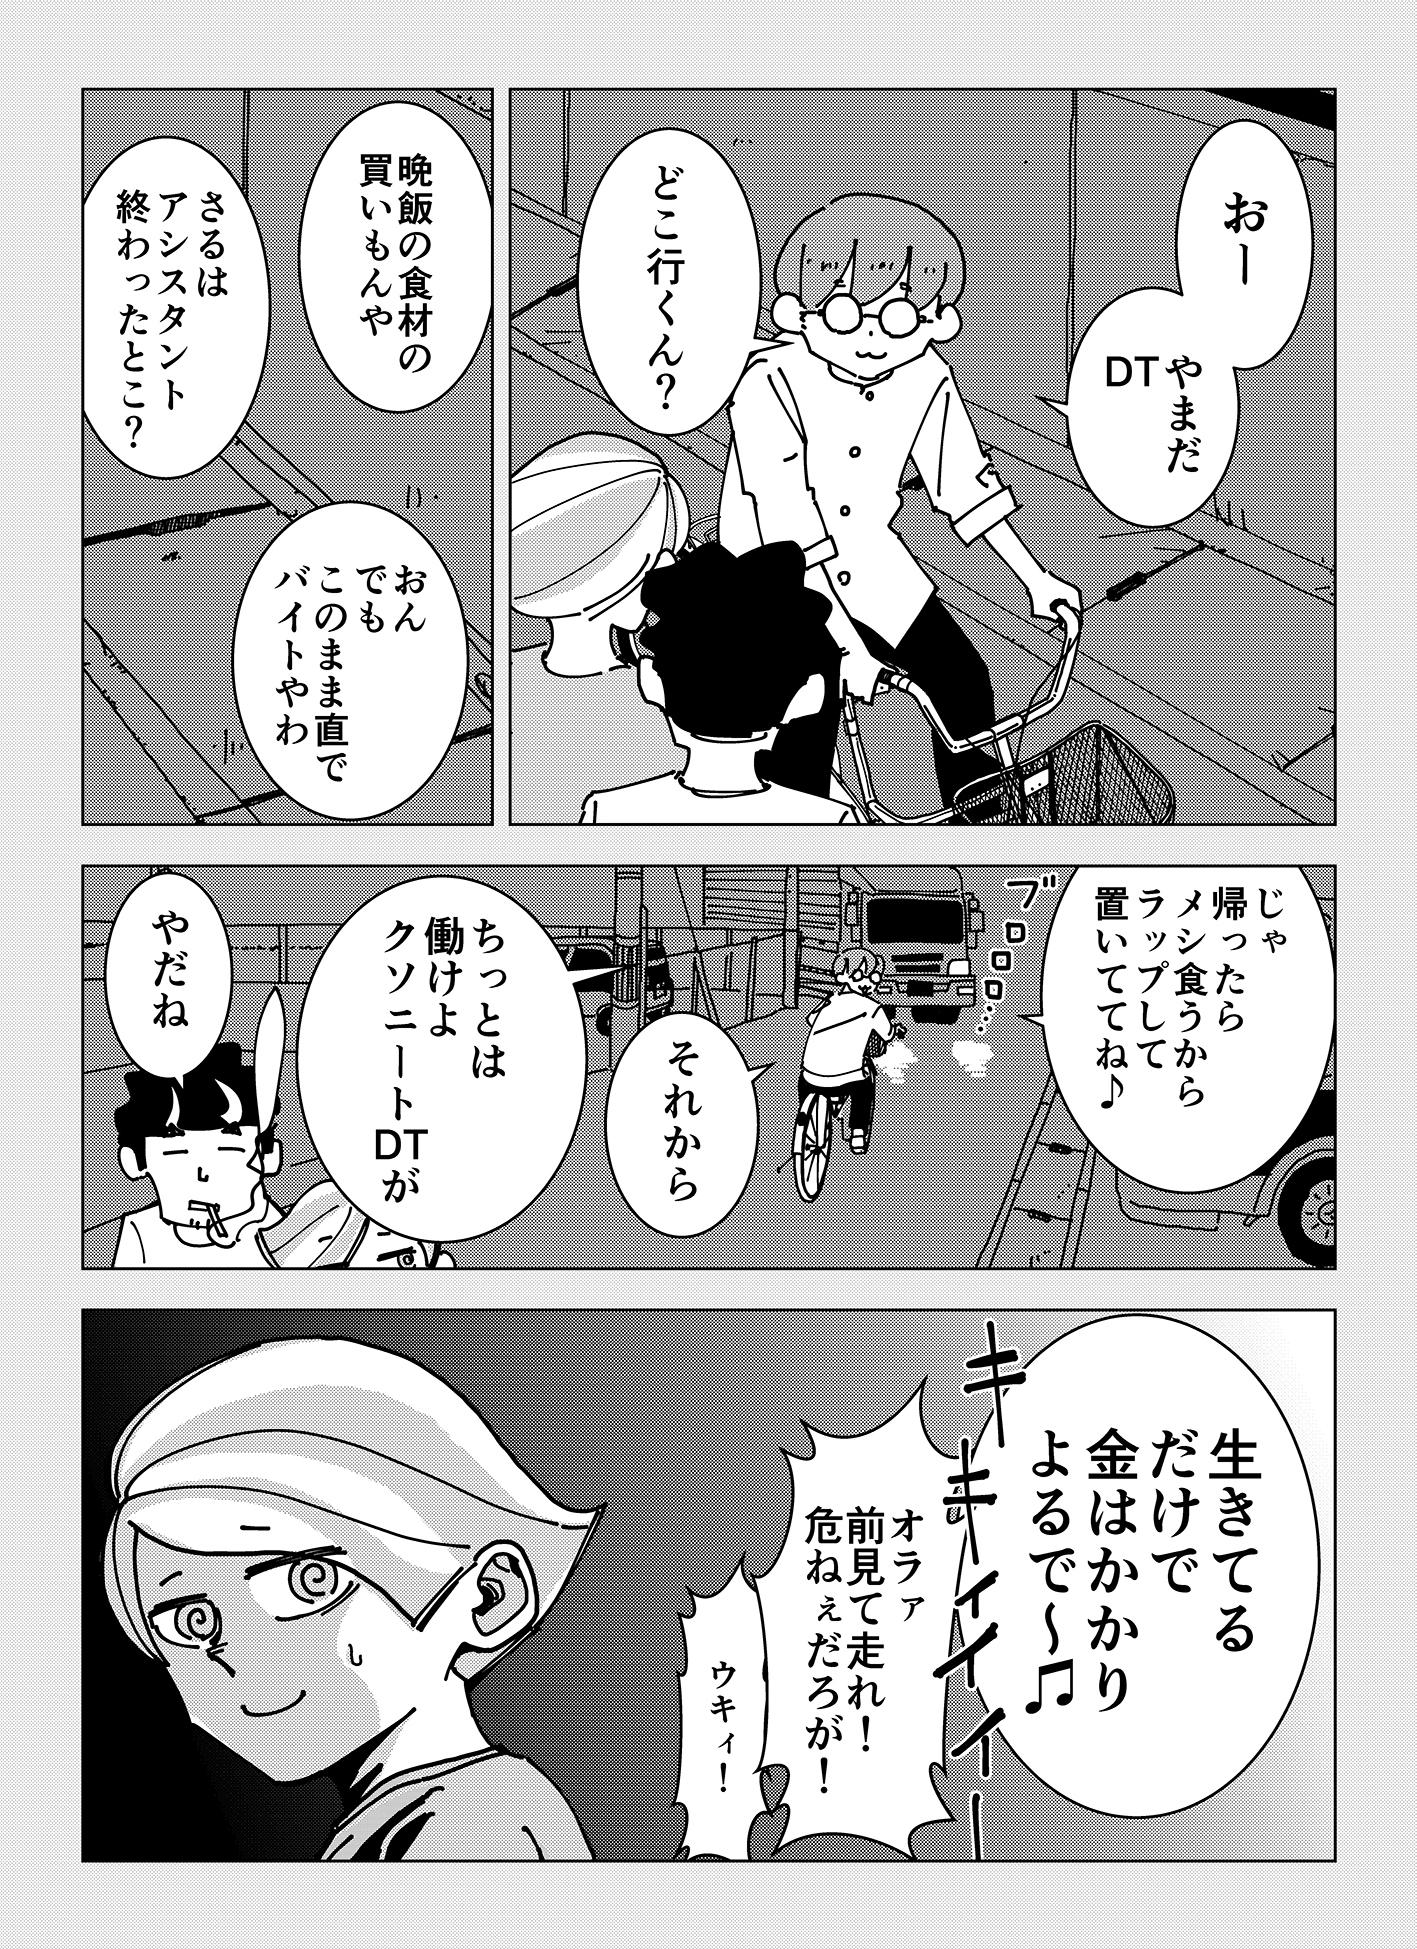 share04_004